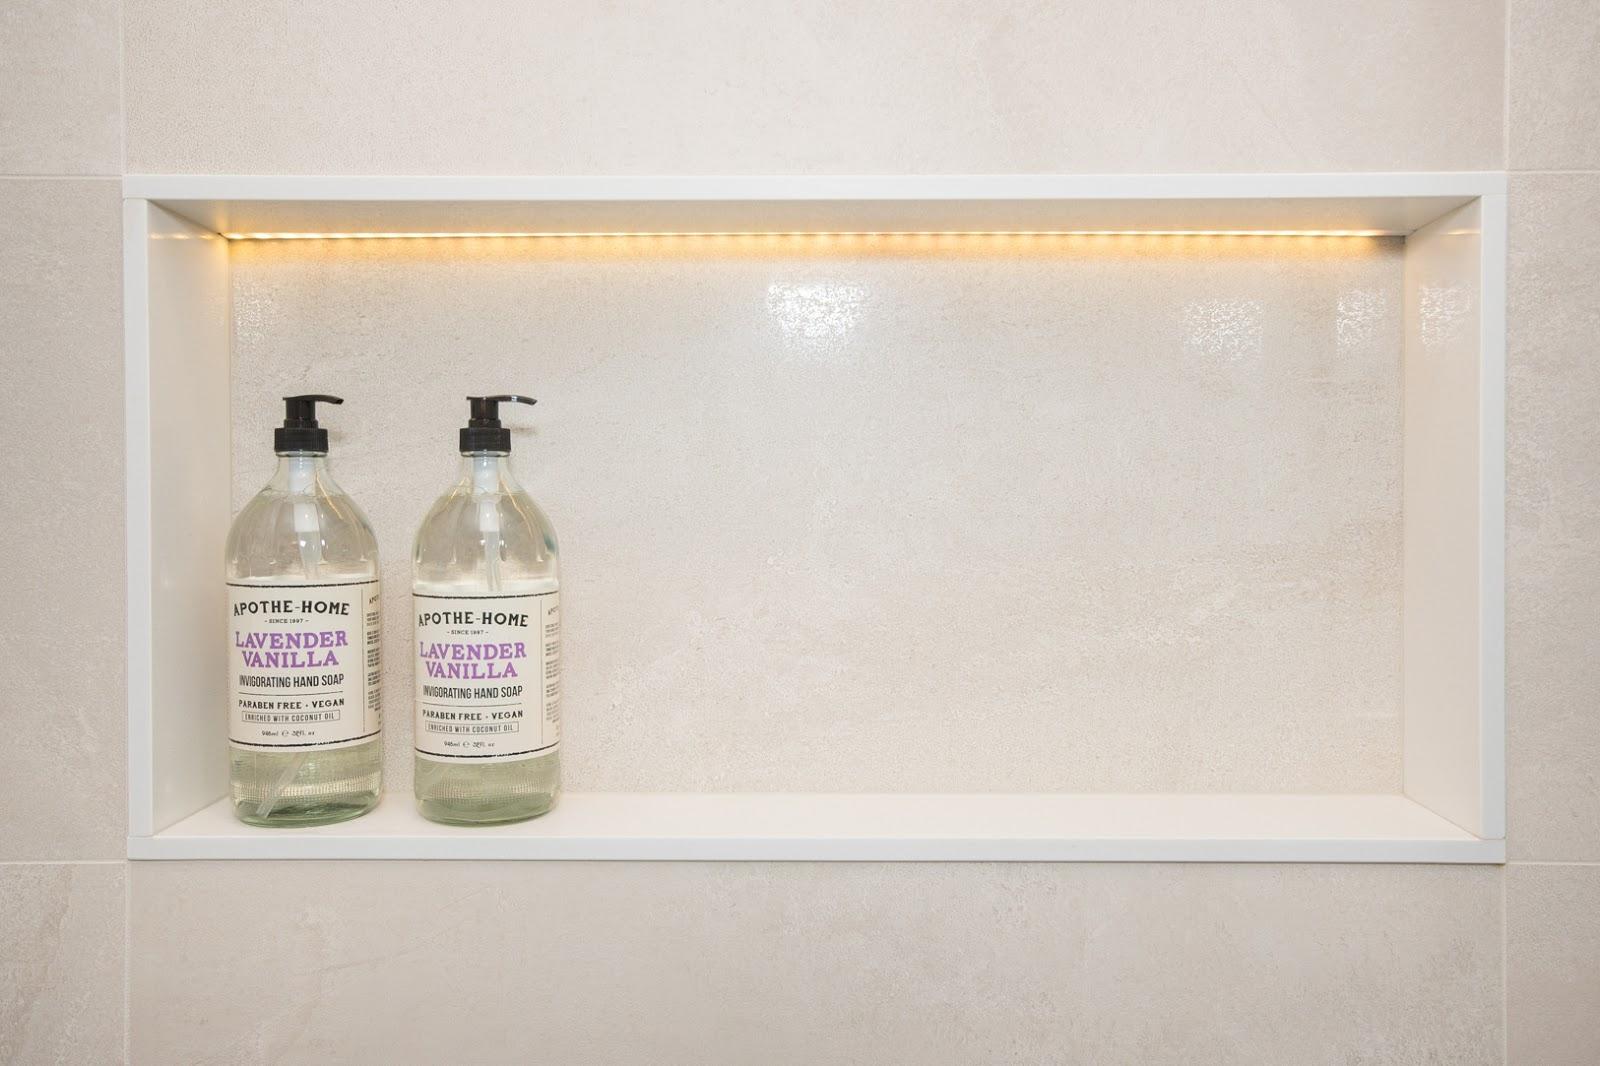 shampoo niche with leds